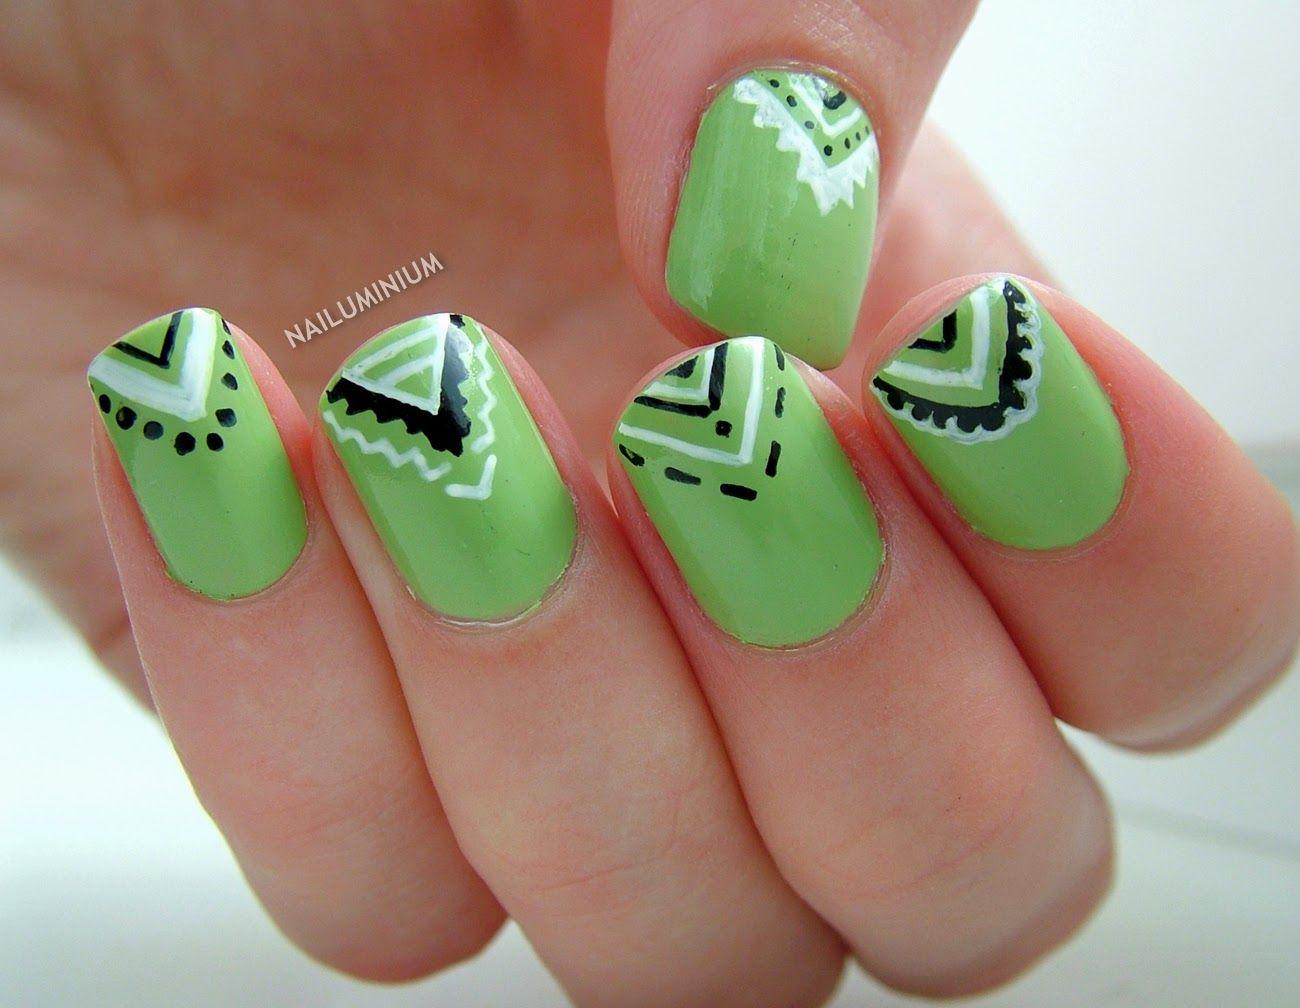 Nailuminium #nail #nails #nailart | nails | Pinterest | Uñas verano ...